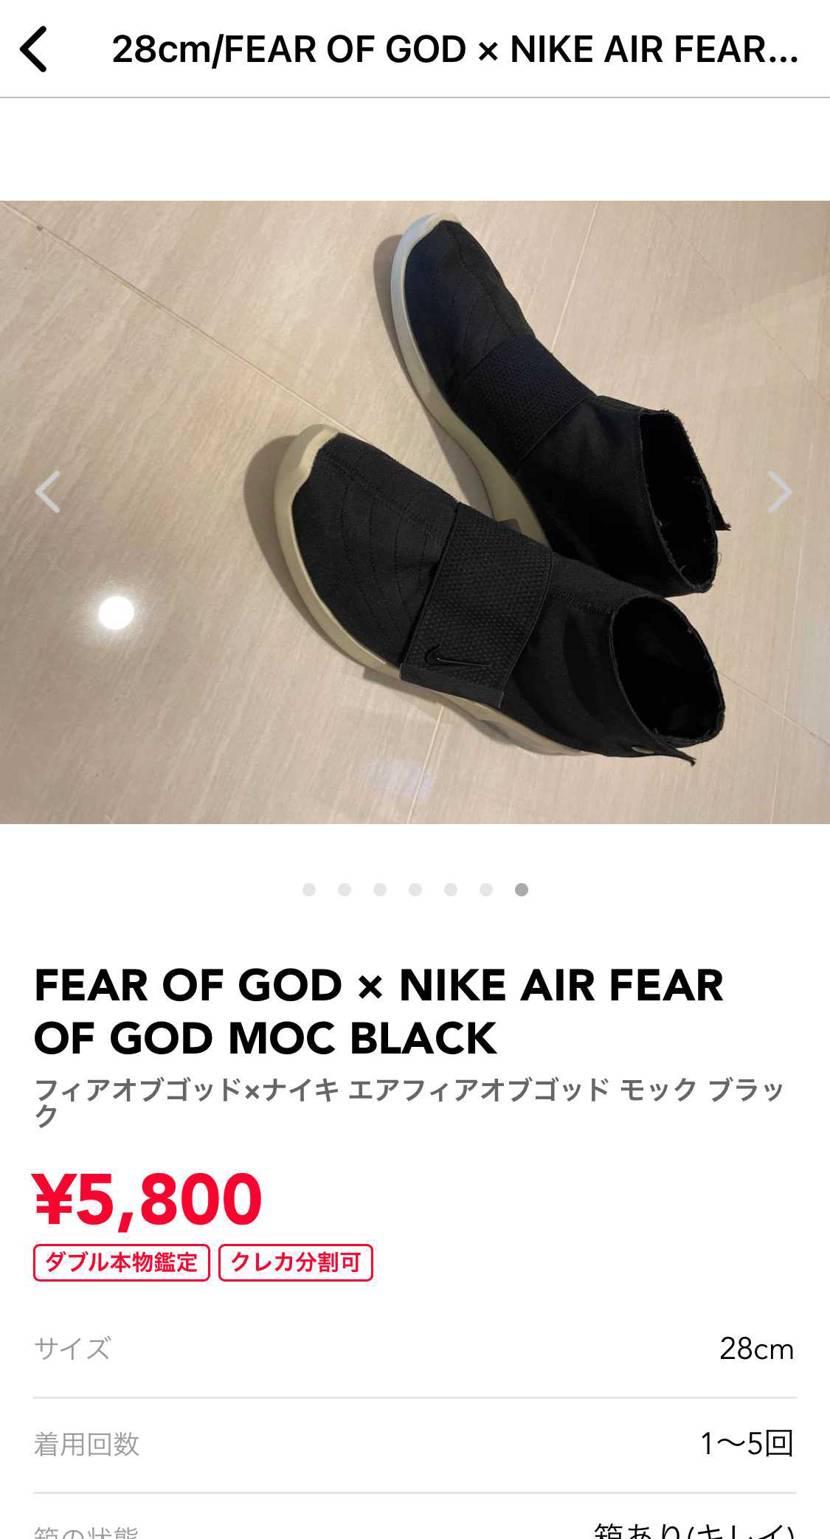 Fear of God MOC 28cm 中古ですが安めに出品しています。ご興